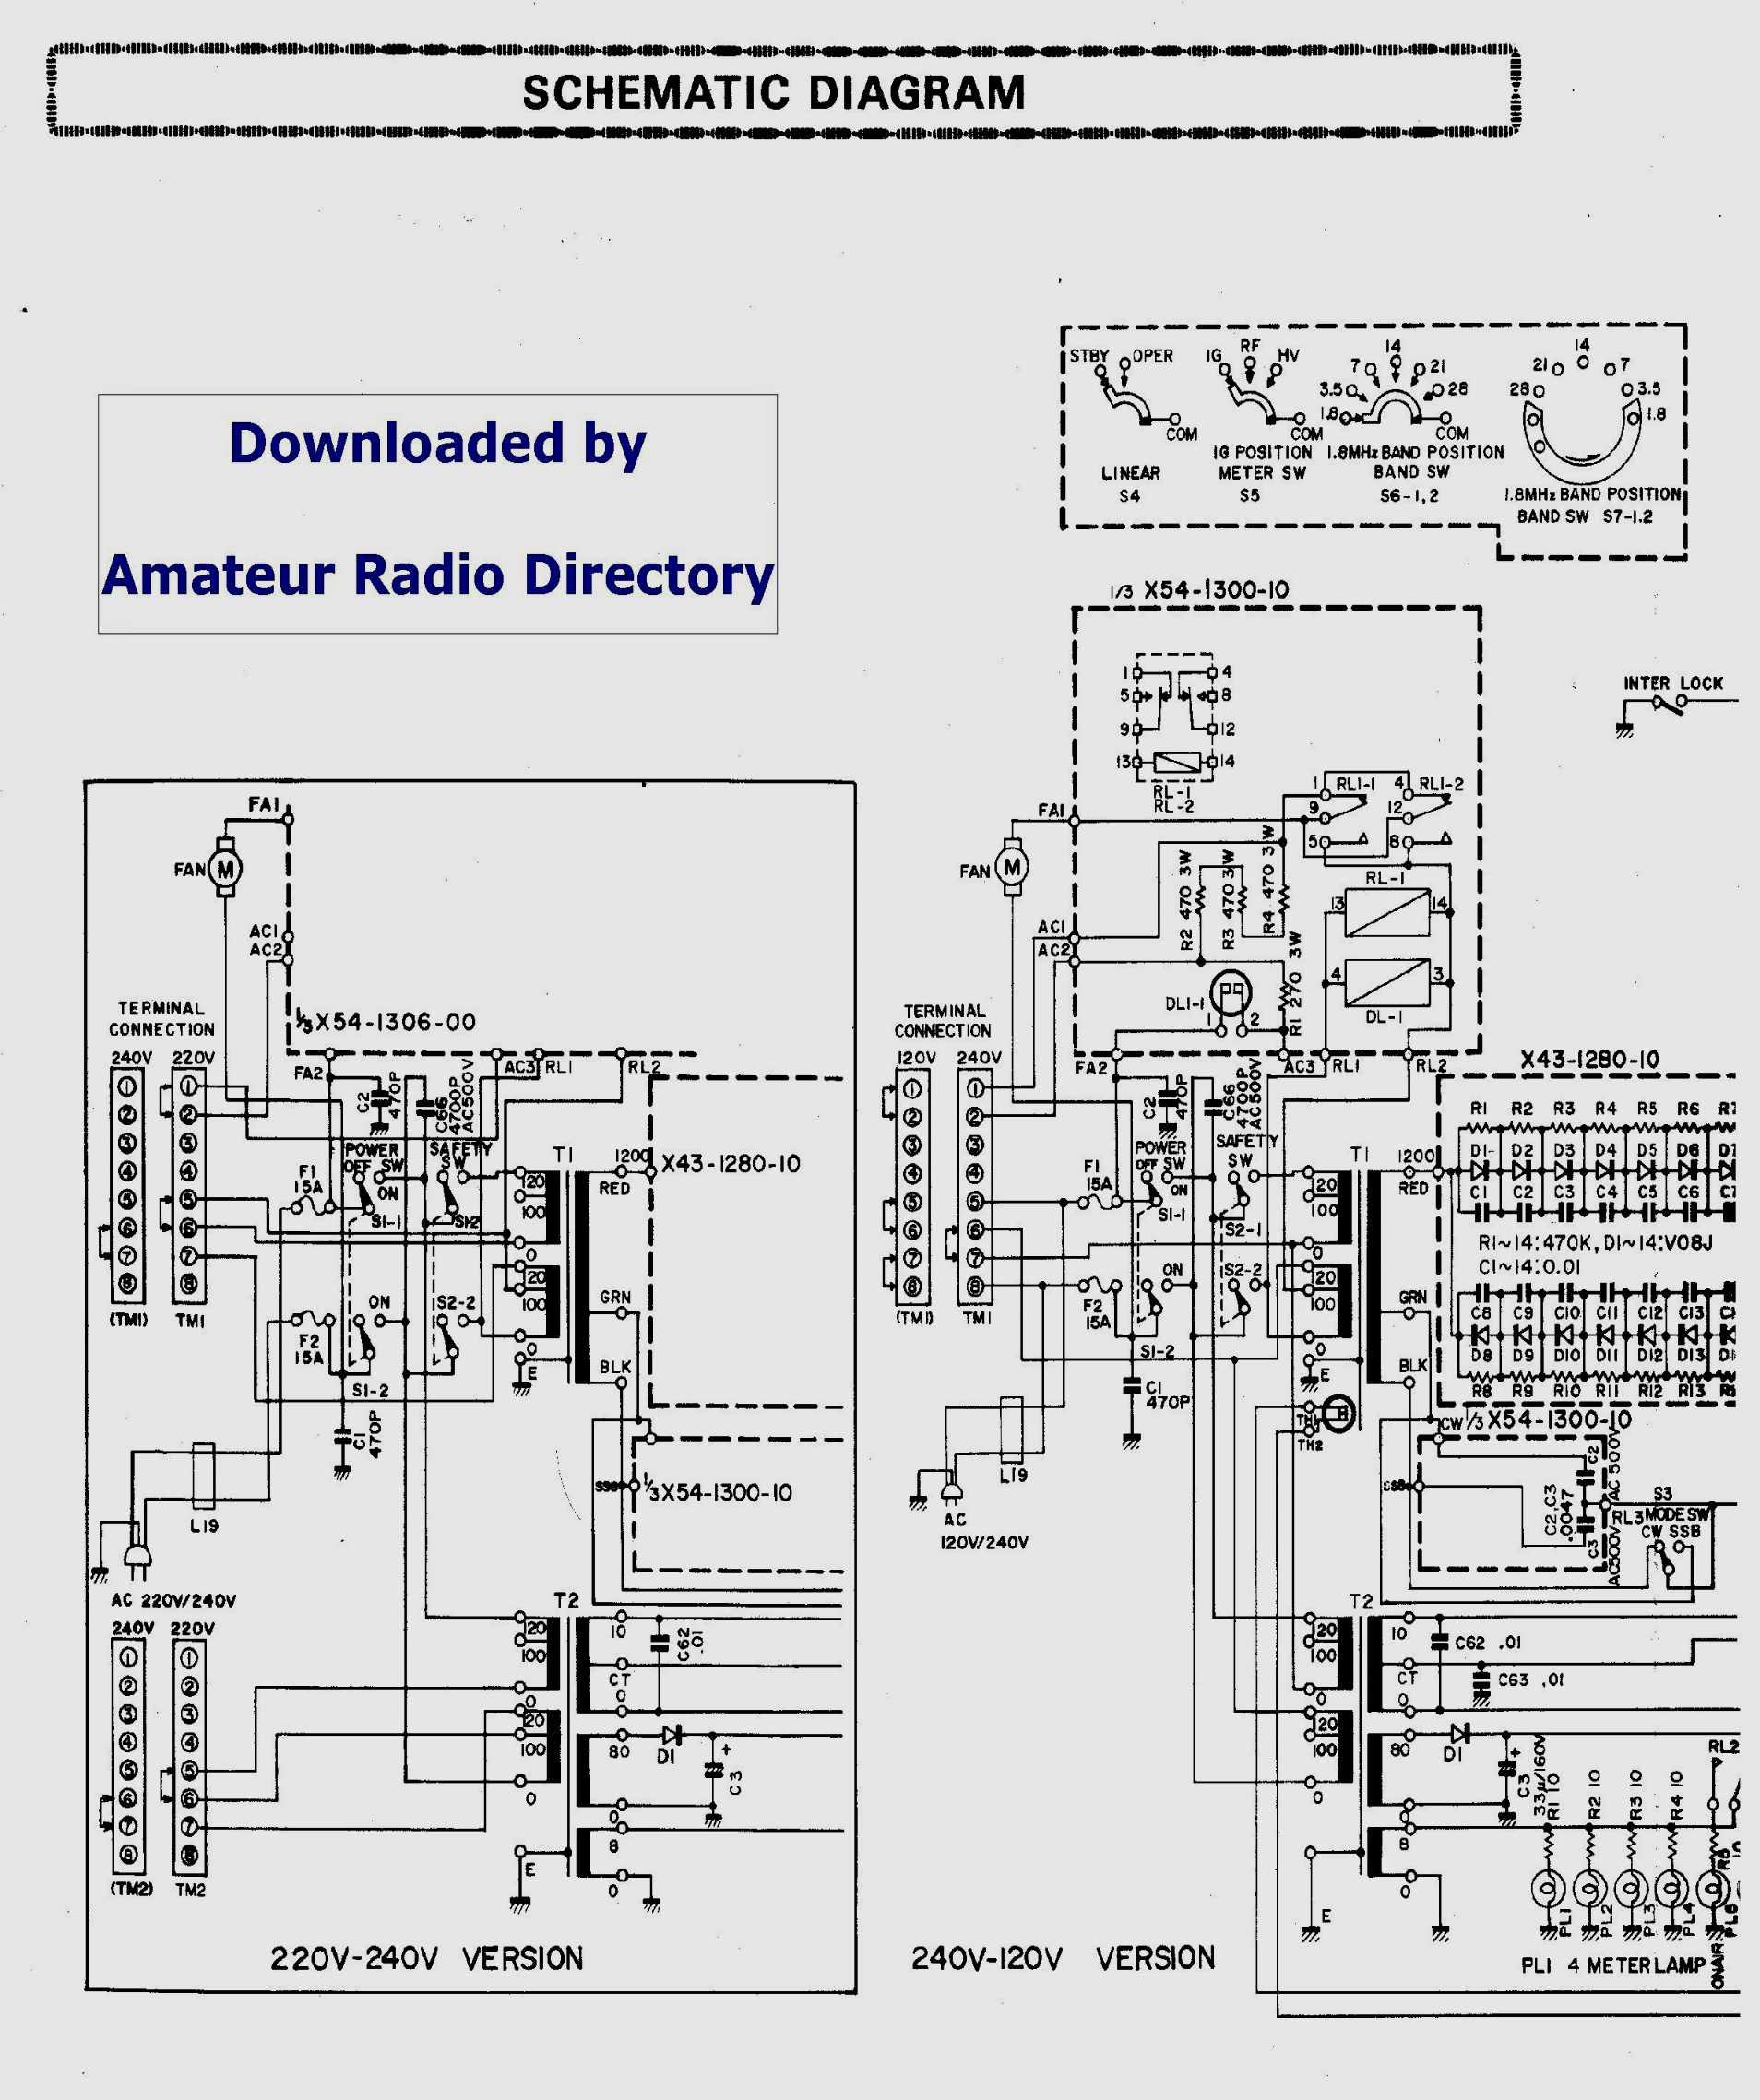 Kdc 248U Wiring Diagram - Detailed Wiring Diagram - Kenwood Kdc 248U Wiring Diagram